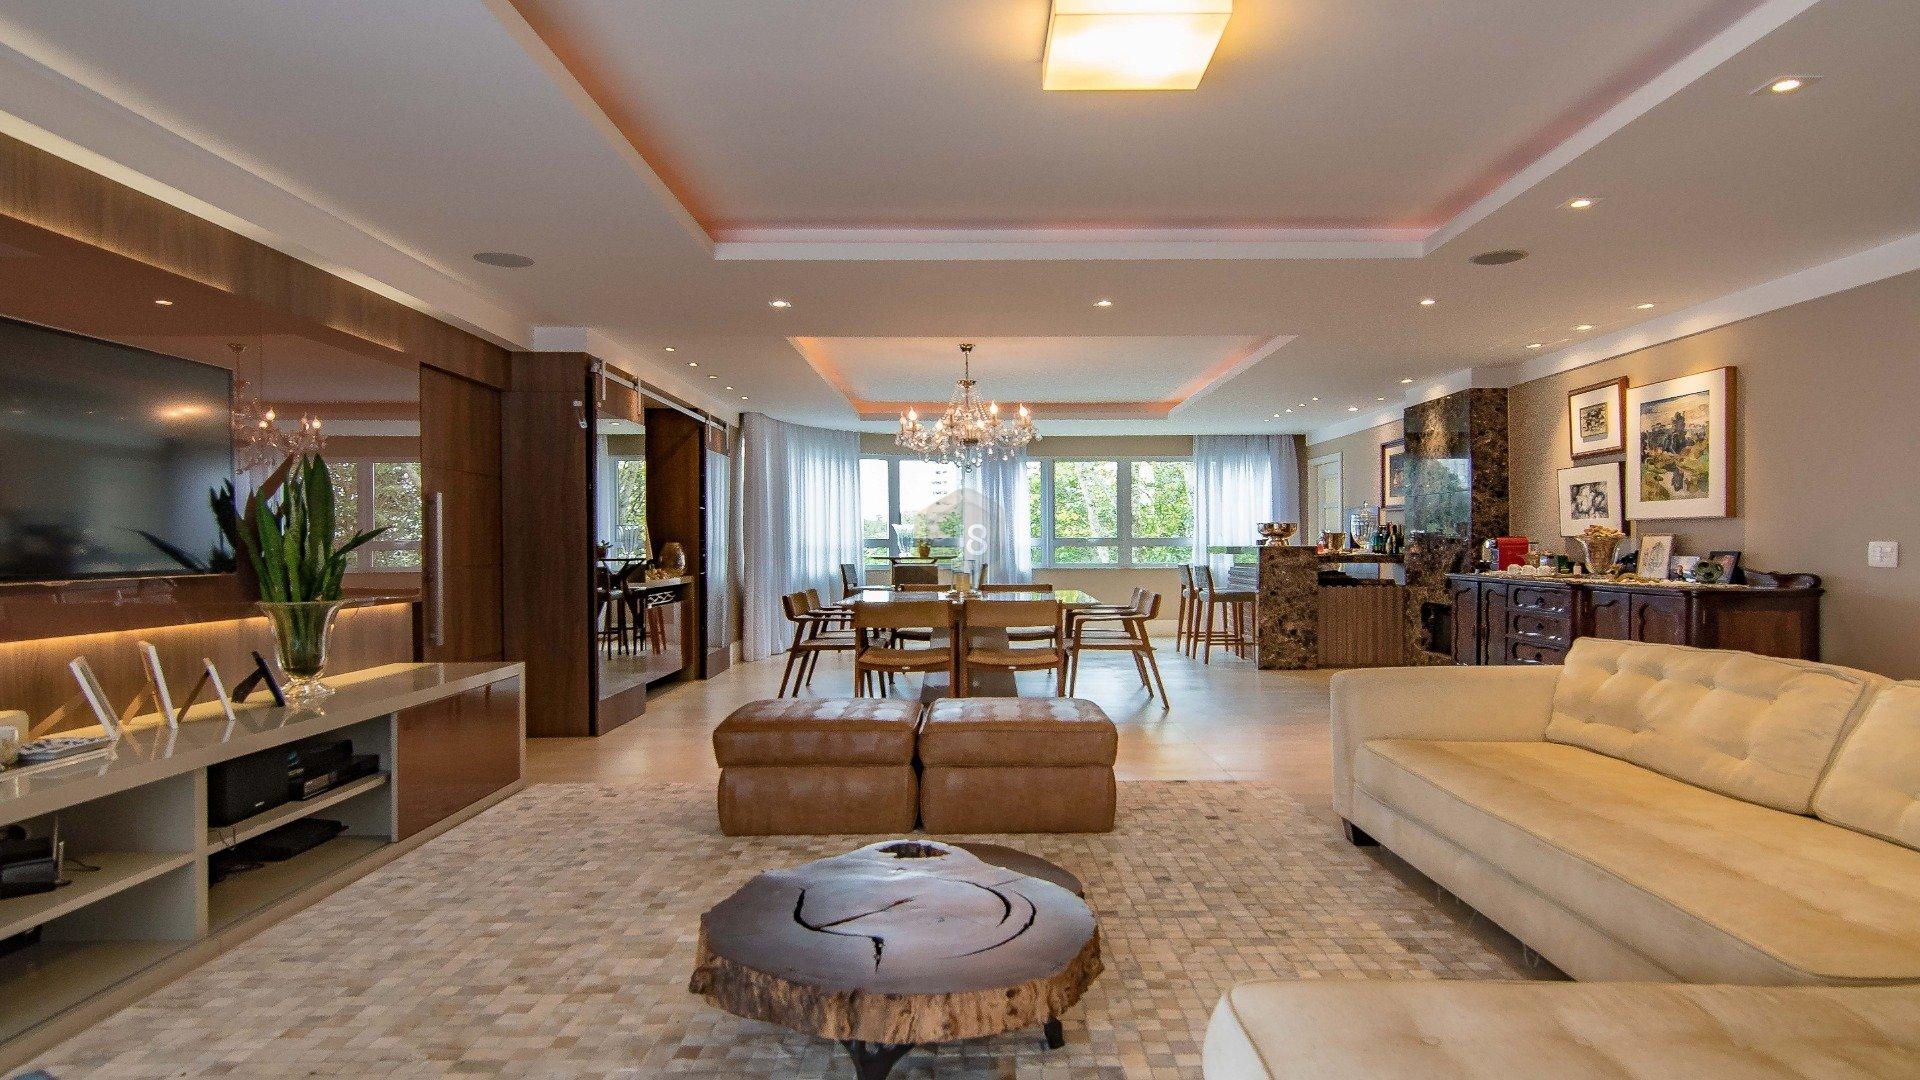 Foto de destaque Apartamento na melhor localização do ecoville